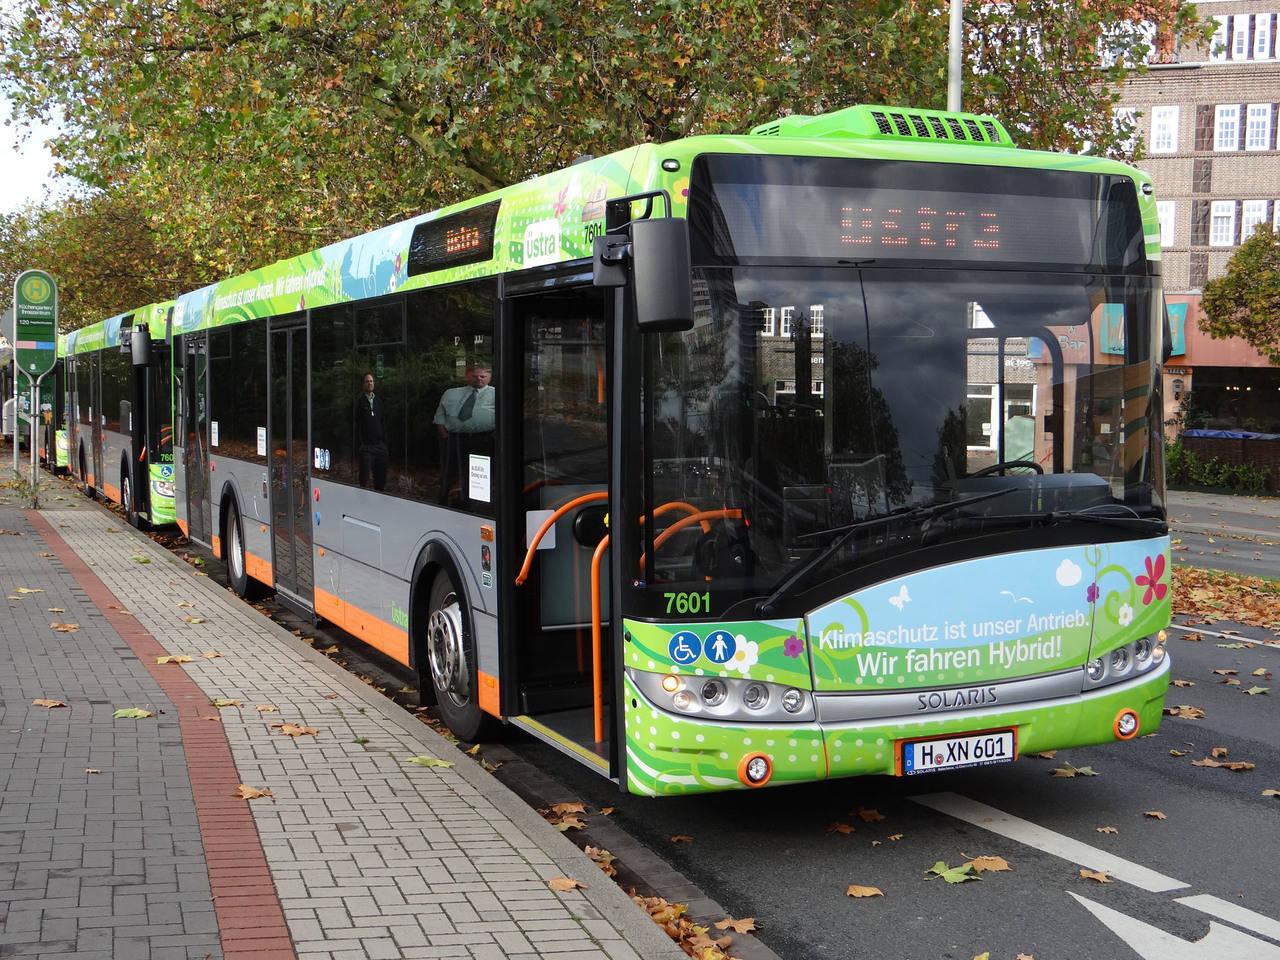 Los Solaris eléctricos llevan la era de la electromovilidad a Hannover